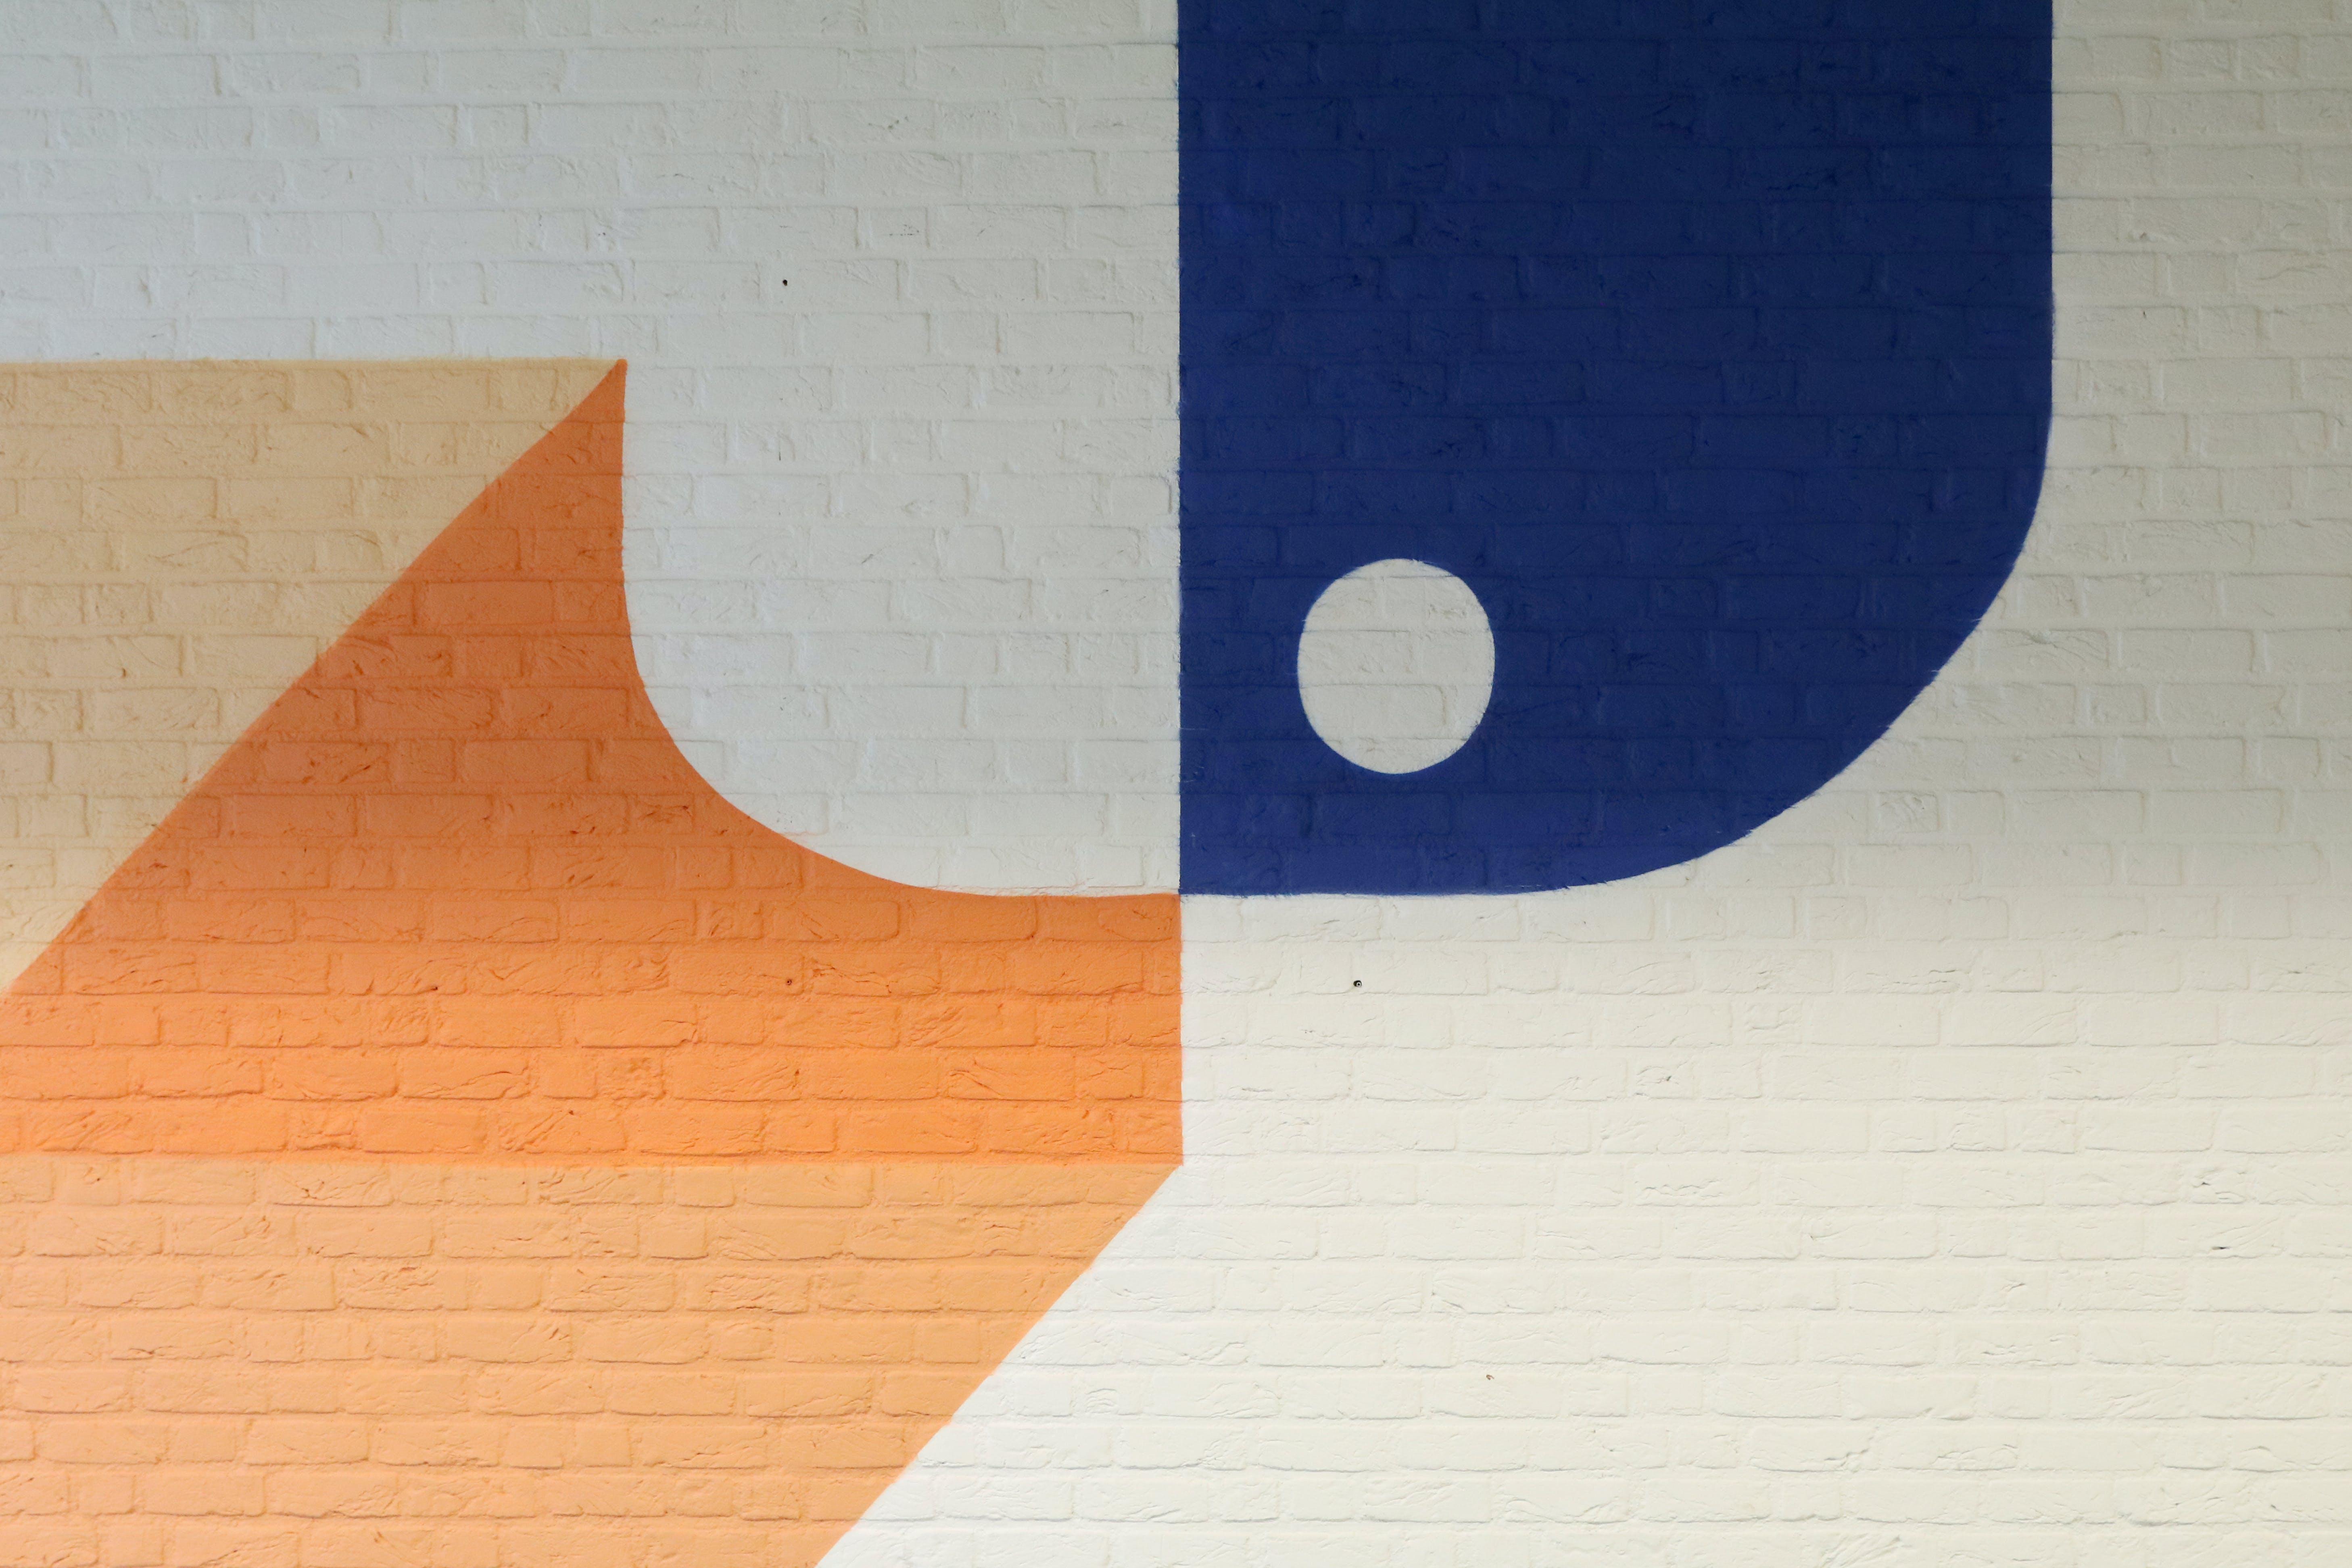 Kostenloses Stock Foto zu abstrakt, backsteinmauer, bemalte wand, blau